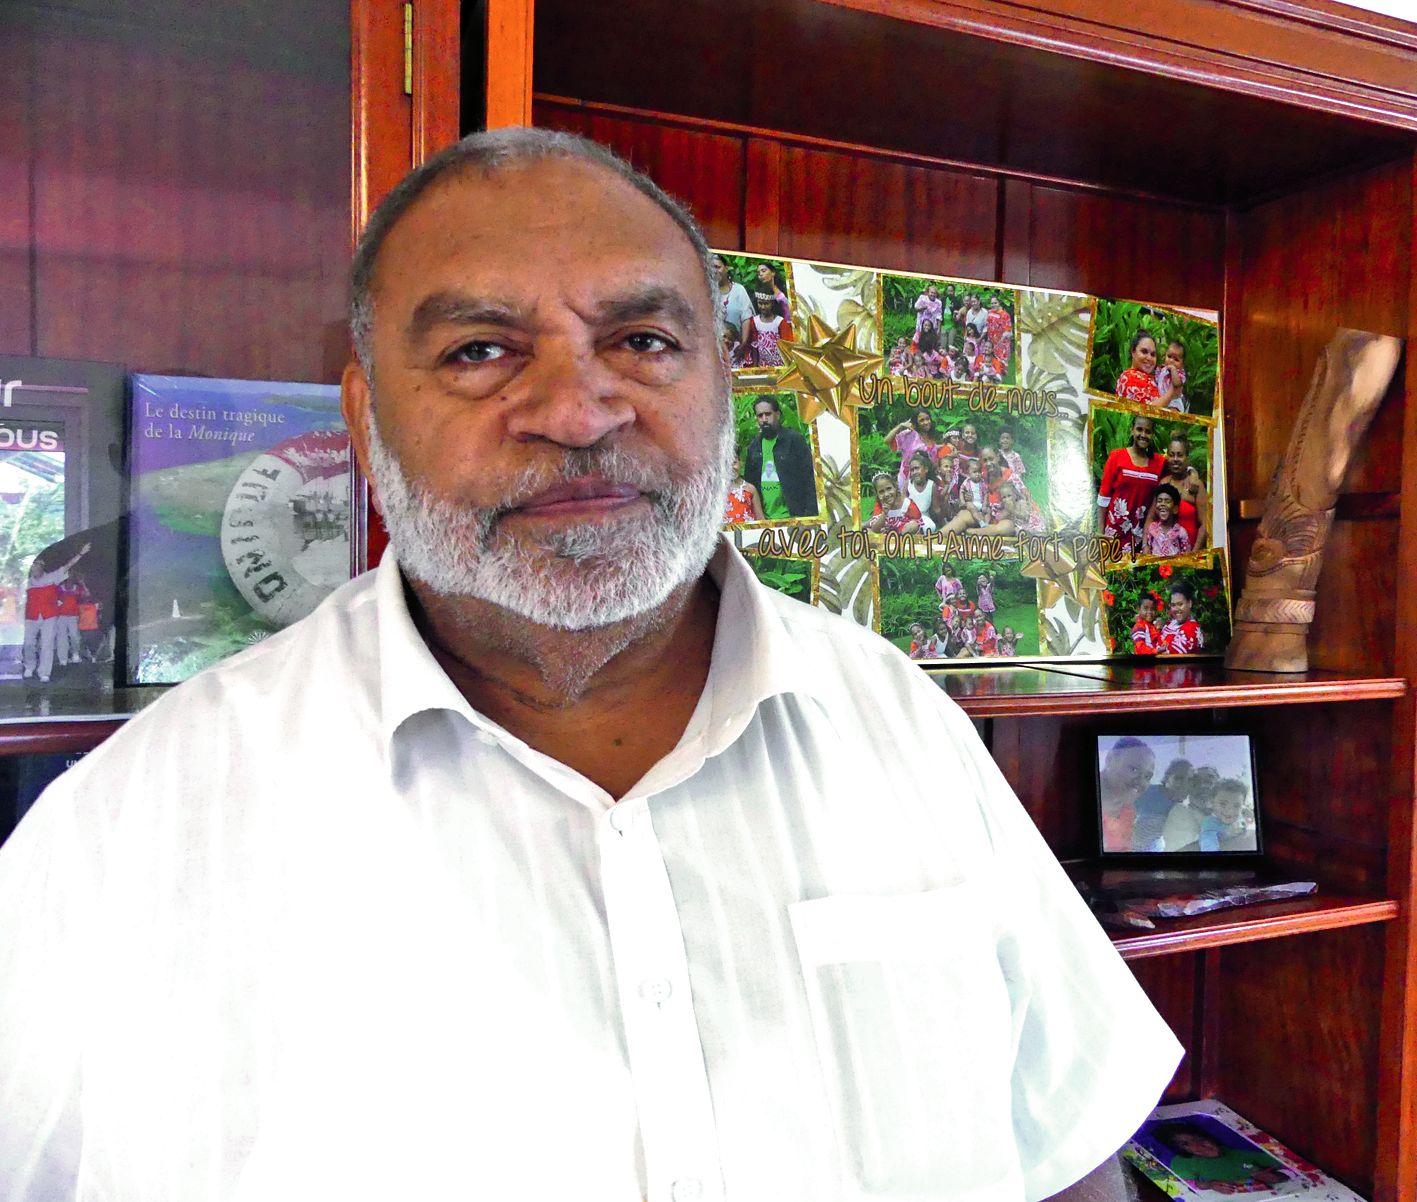 Louis Kotra Uregei, chef d'entreprise. Photo Archives LNC